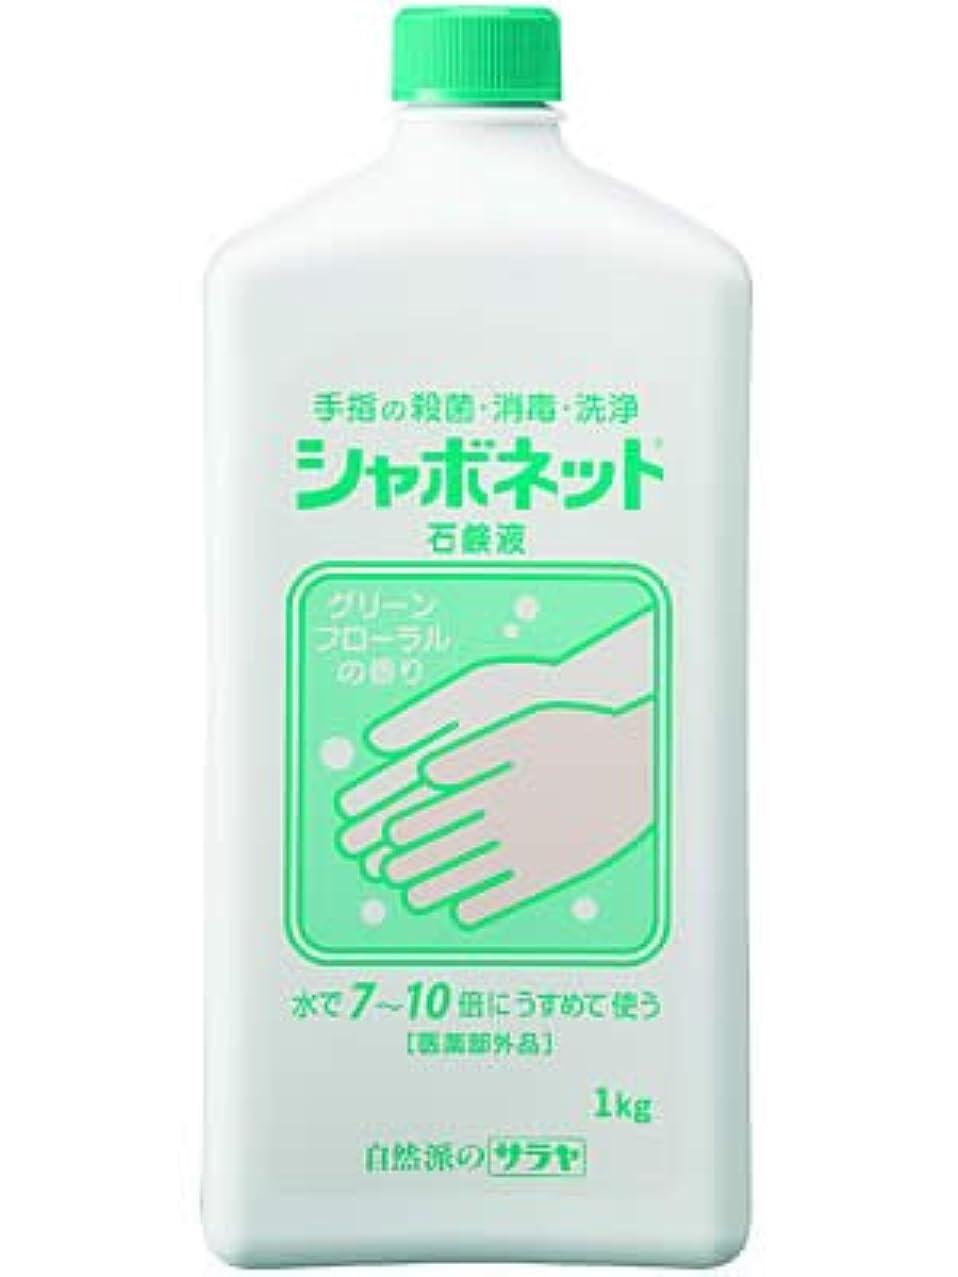 世界的にしてはいけません作者シャボネット 石鹸液 1kg ×8個セット